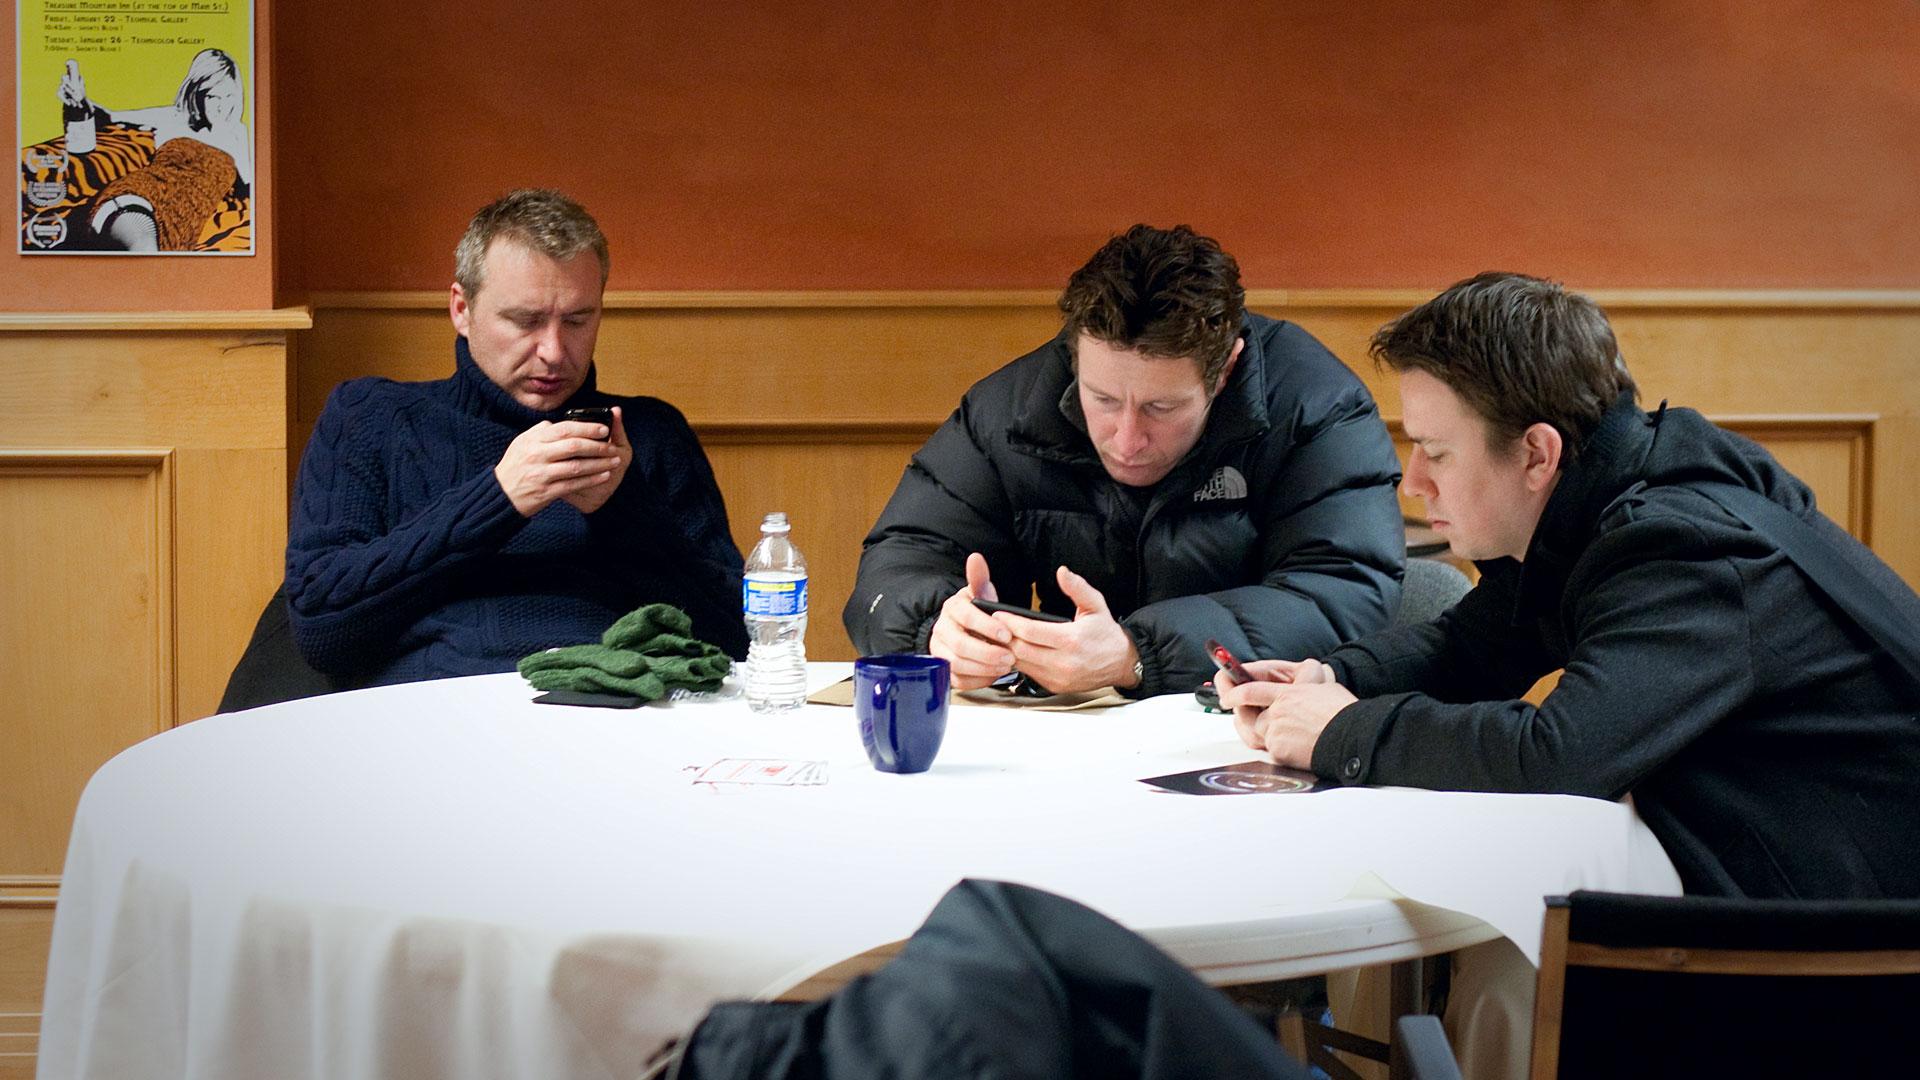 Que es Phubbing un término que apareció en el año 2007 con la llegada de los teléfonos inteligentes. Etimológicamente viene de la unión de las palabras phone (teléfono) y snubbing (despreciar). Se define como el acto de una persona al ignorar su entorno por concentrarse en la tecnología móvil, ya sea un smartphone, tableta, portátil... Como curiosidad, su origen está en la Universidad de Sidney (Australia). Conocieras ya este fenómeno o no segura que alguna vez has vivido una situación de este tipo debido a la gran influencia de las tecnologías en nuestras vidas, especialmente los dispositivos móviles. Sea para revisar el whatsapp o las redes sociales, este comportamiento sigue siendo muy común desde su aparición. Muchas veces ya se hace inconscientemente aunque nuestra intención no sea despreciar a otro por medio de ignorarlo ante un móvil. Pero ya se sabe que los teléfonos e Internet generan adicción. Lo importante es recordar que hay un momento para todo y según las prioridades de cada uno anteponer o no el uso excesivo de los smartphone según en qué situación nos encontremos. Sin cometer faltas de cortesía y atendiendo a lo que nos rodea para evitar que este fenómeno social sea un problema en nuestro día a día. No podemos pretender acabar con este fenómeno social a nivel mundial pero sí colaborar con buenas prácticas.